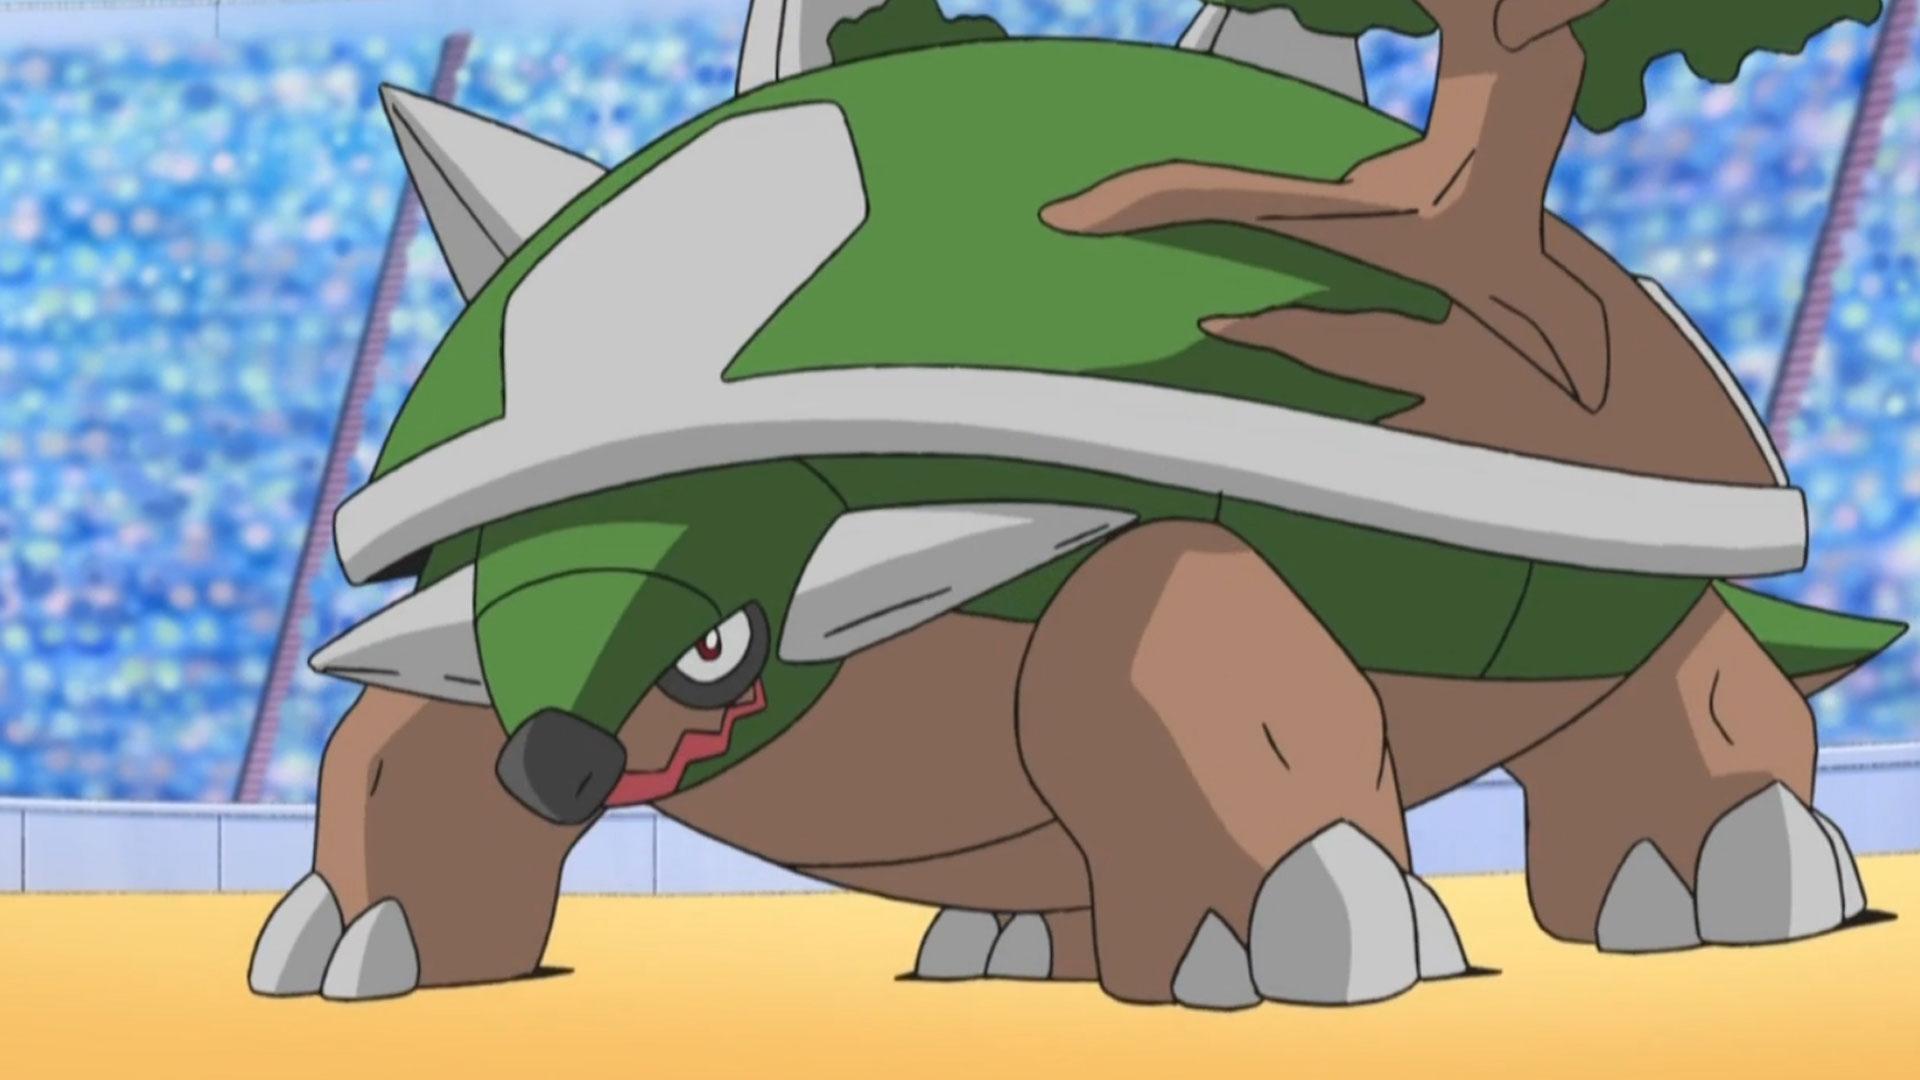 Pokémon the Series: Diamond and Pearl - Season 1203